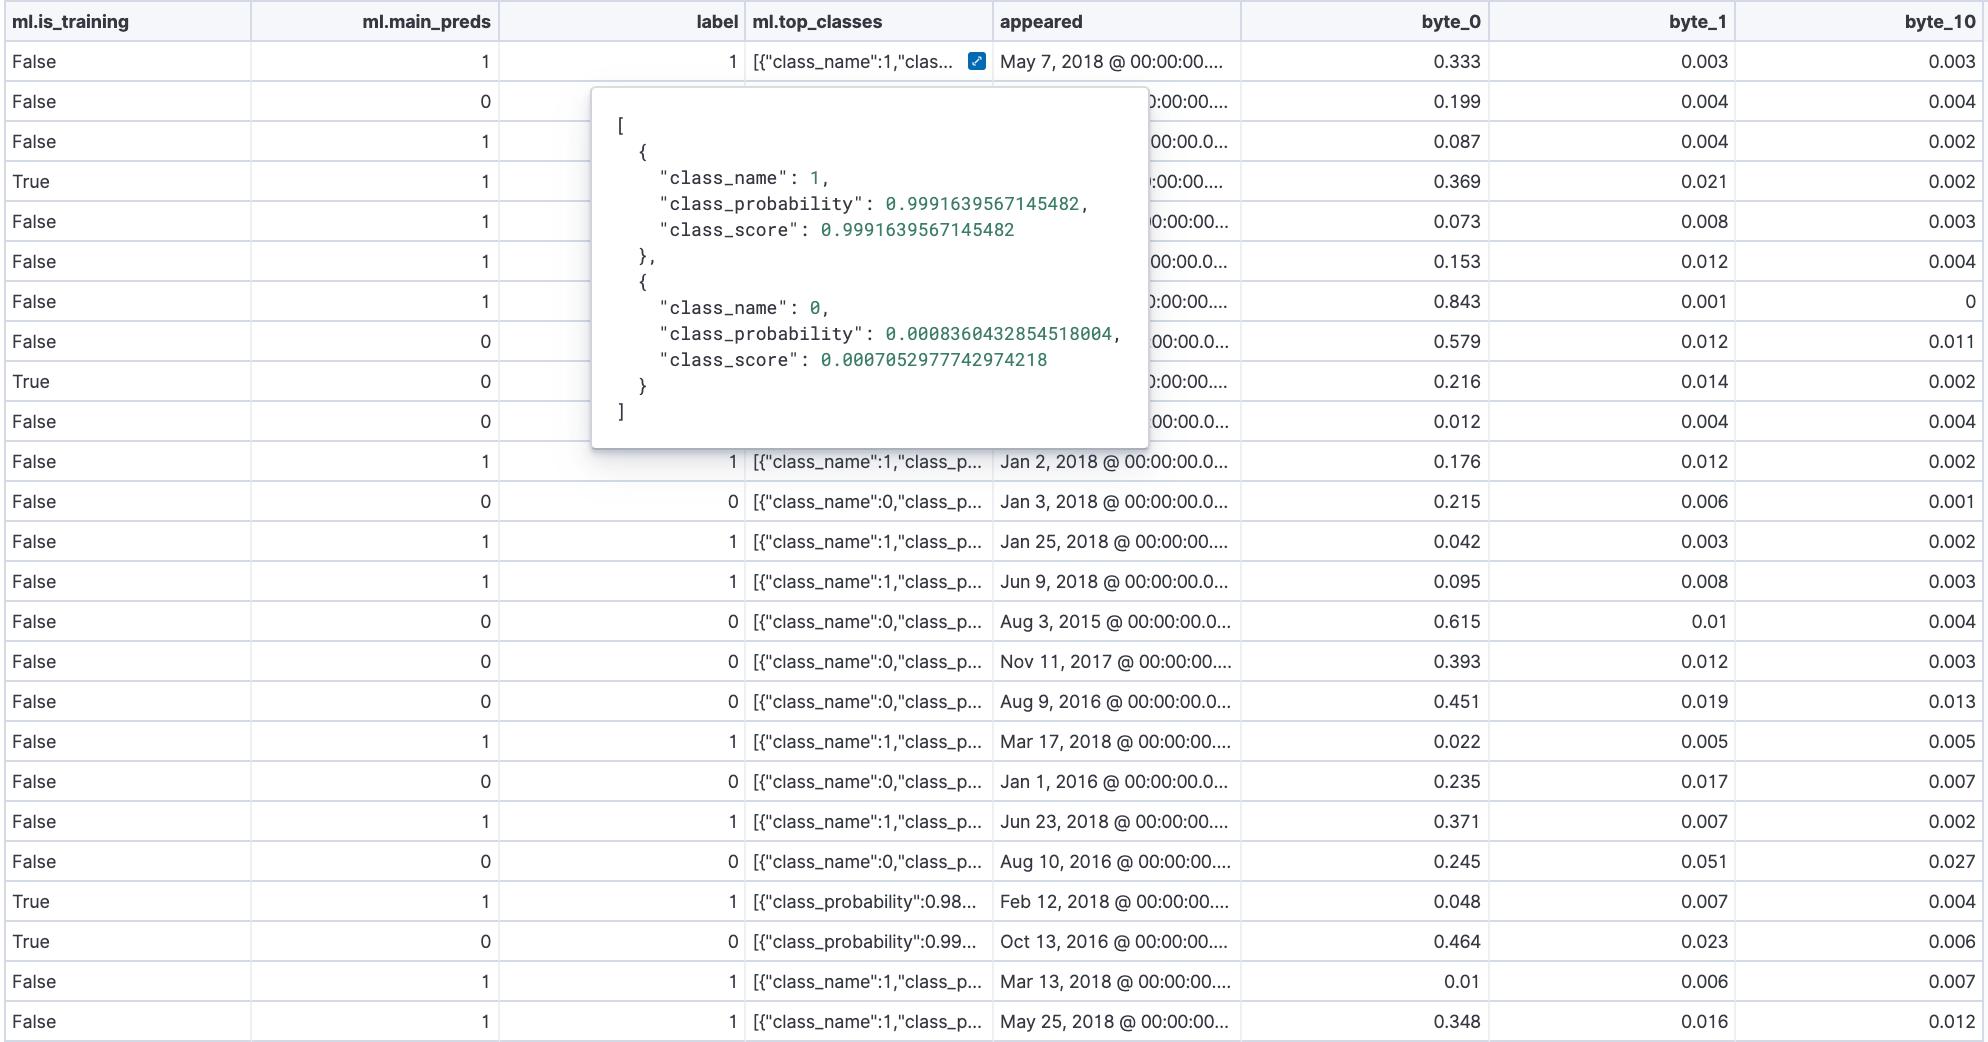 Visualização da estrutura de dados do índice de destino main_preds